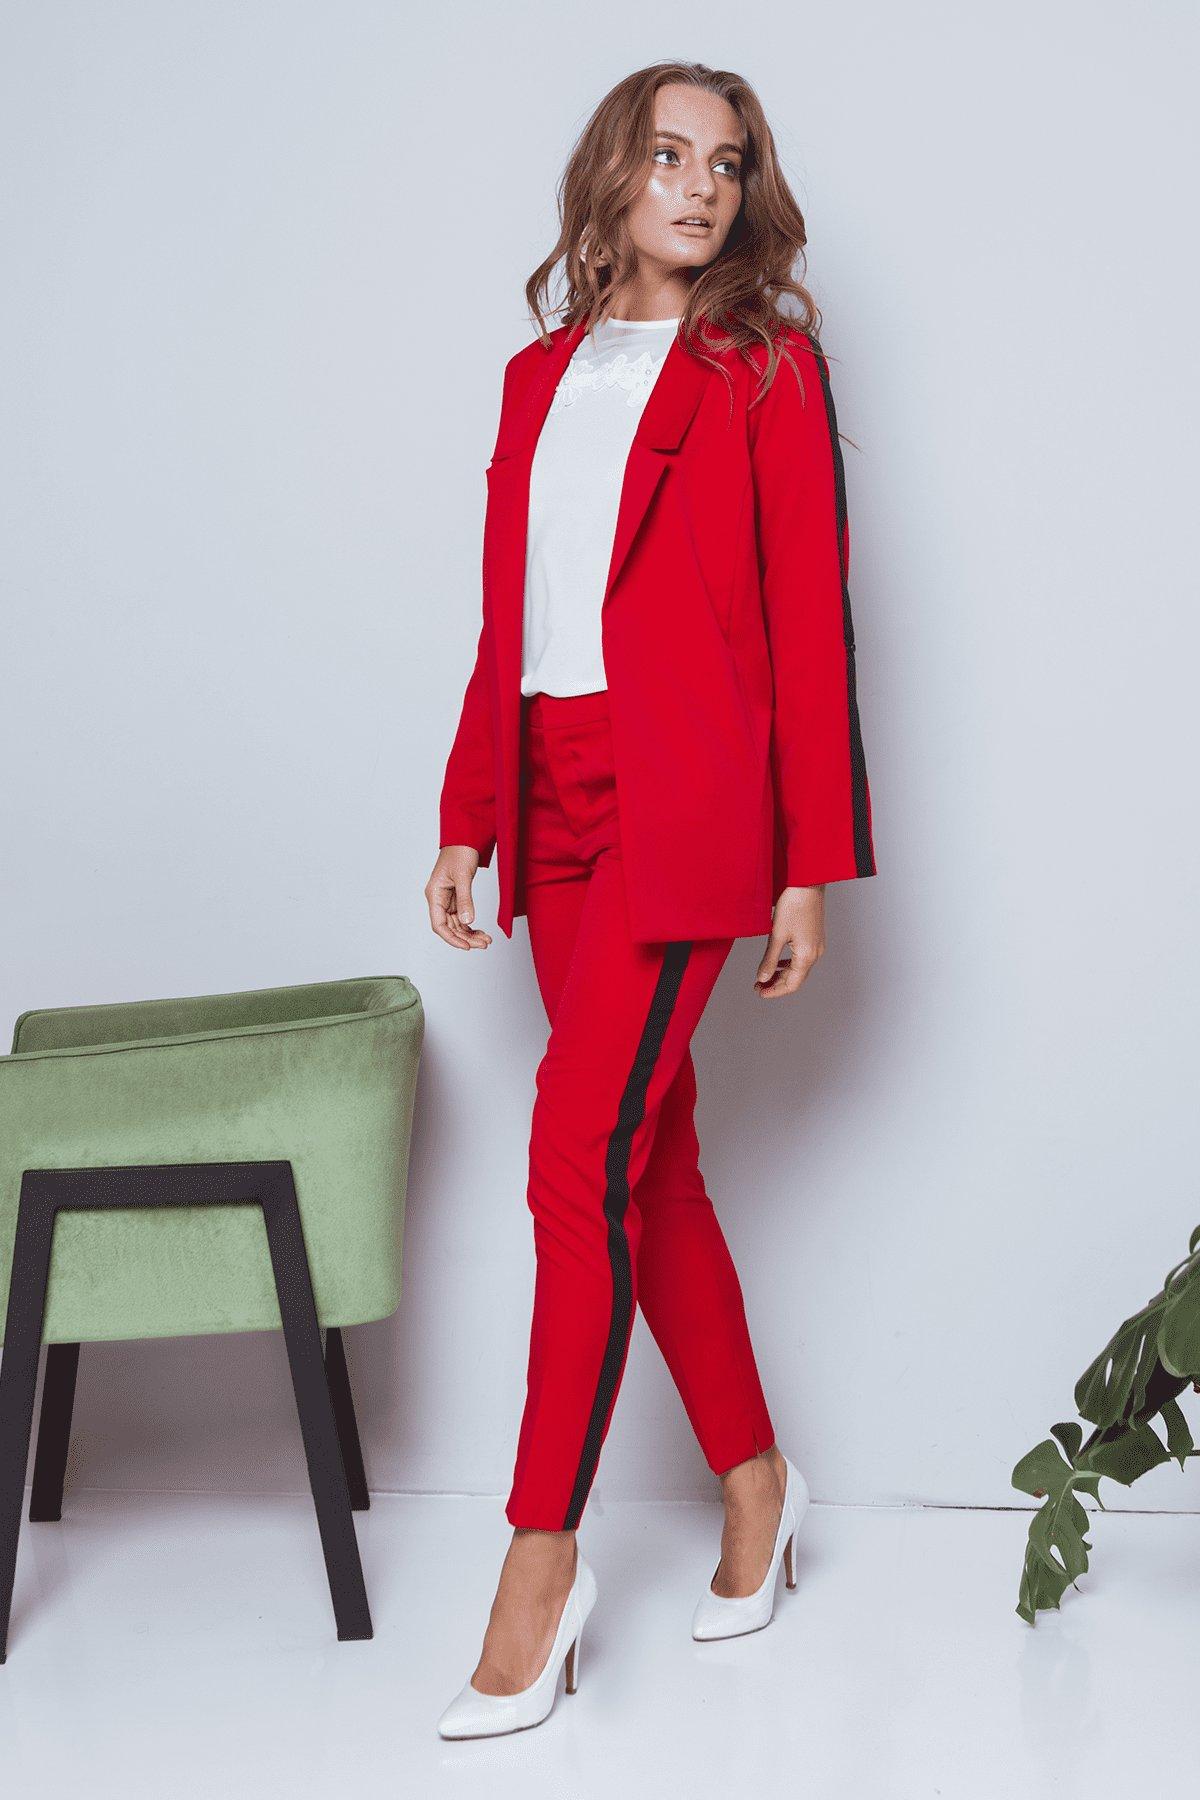 Брюки Макеба 3247 АРТ. 16723 Цвет: Красный/черный - фото 6, интернет магазин tm-modus.ru